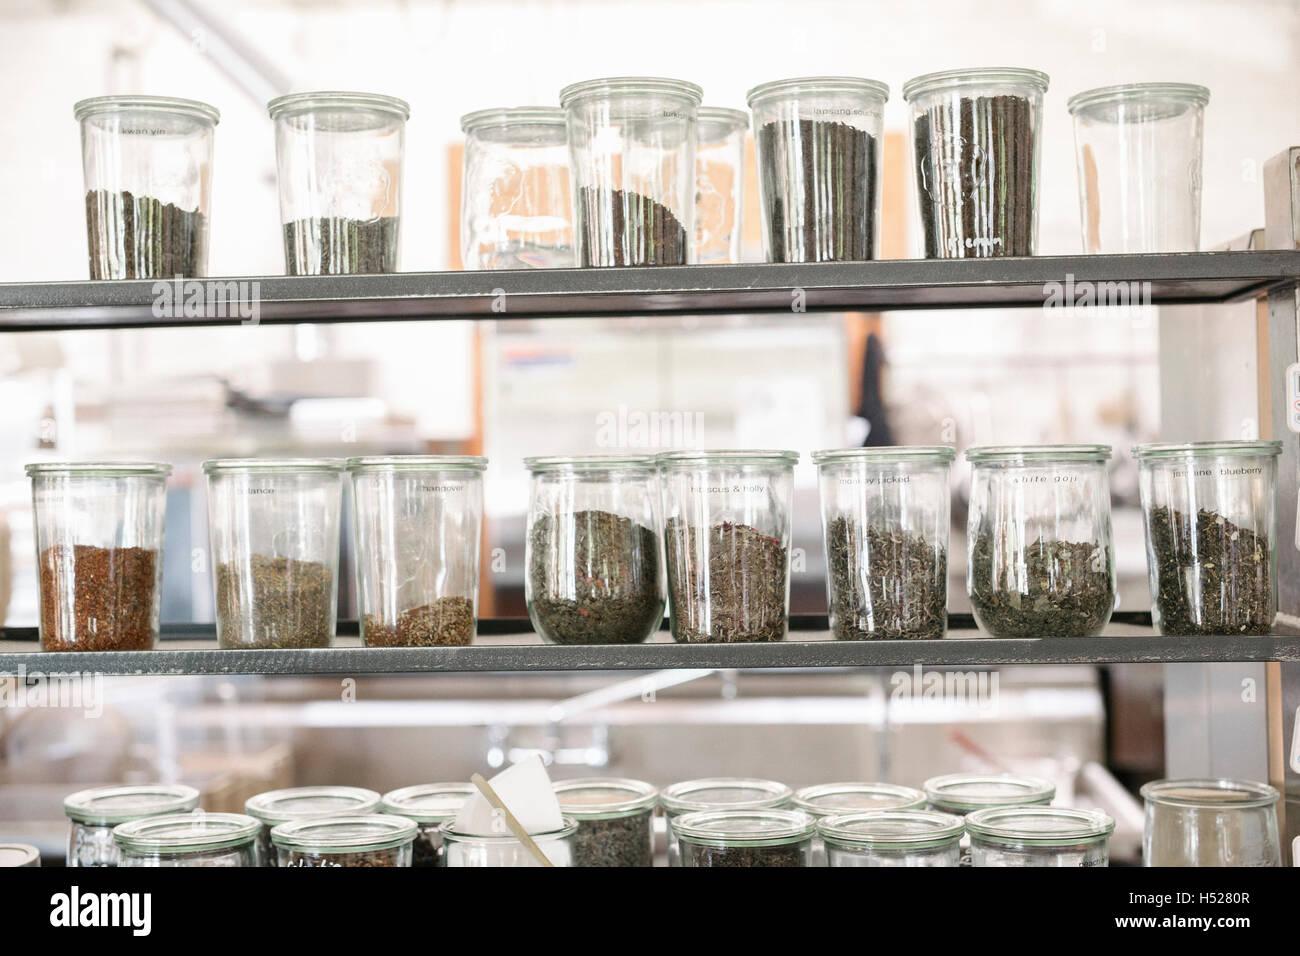 Una selección de alimentos secos y condimentos en tarros de vidrio en  estantes en una cafetería 1245cfc523b4